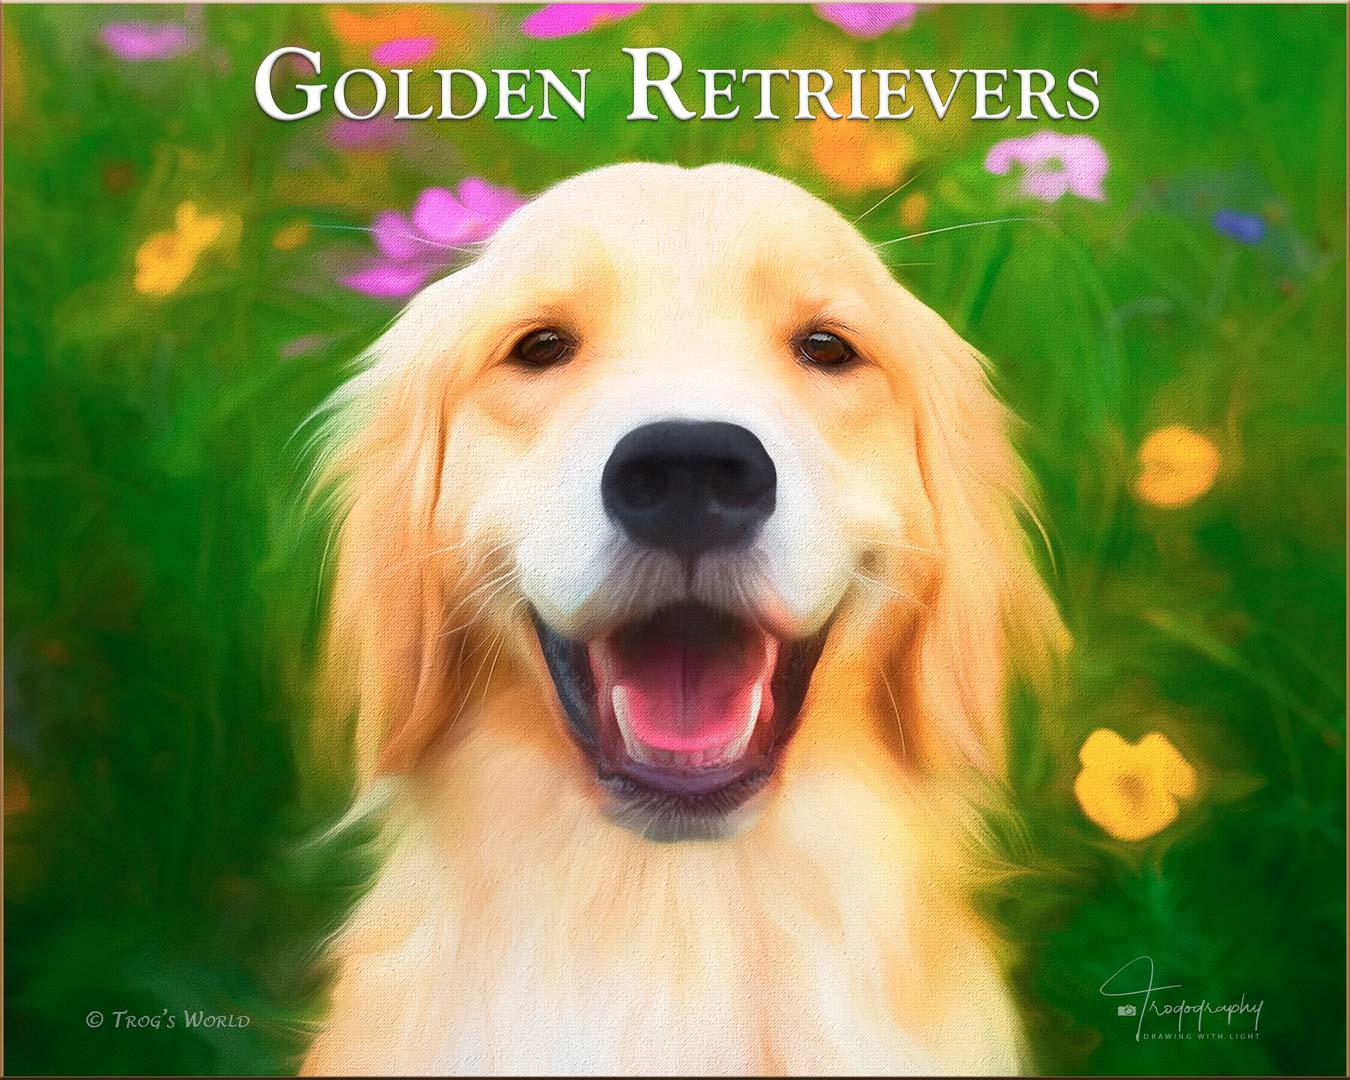 Golden Retriever smiling